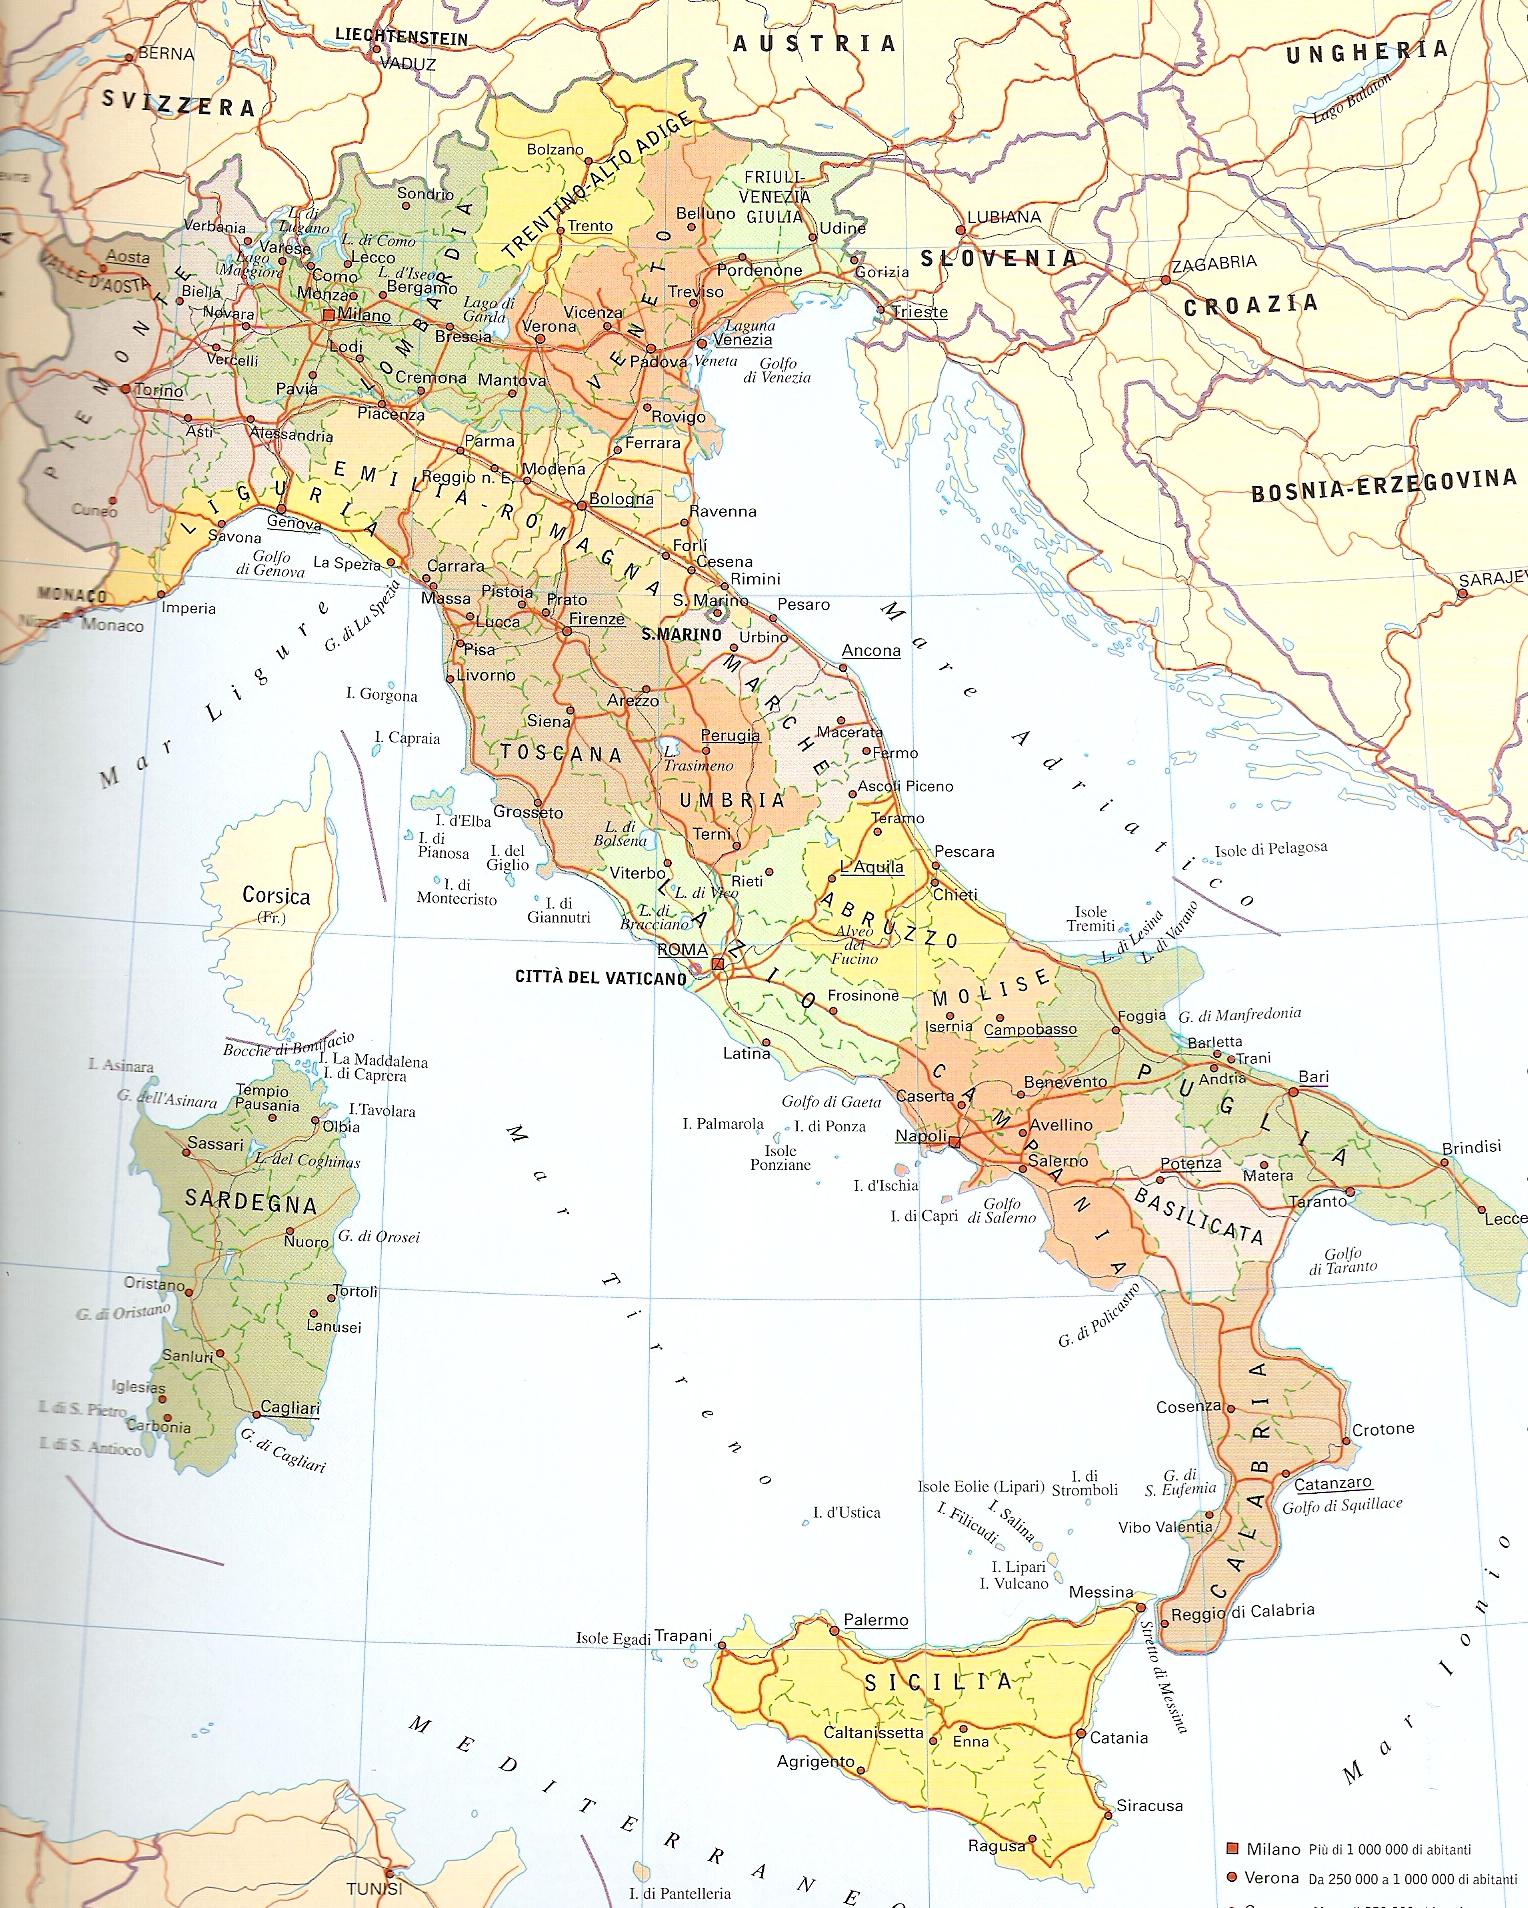 Scarica la cartina politica dell'italia pronta da stare